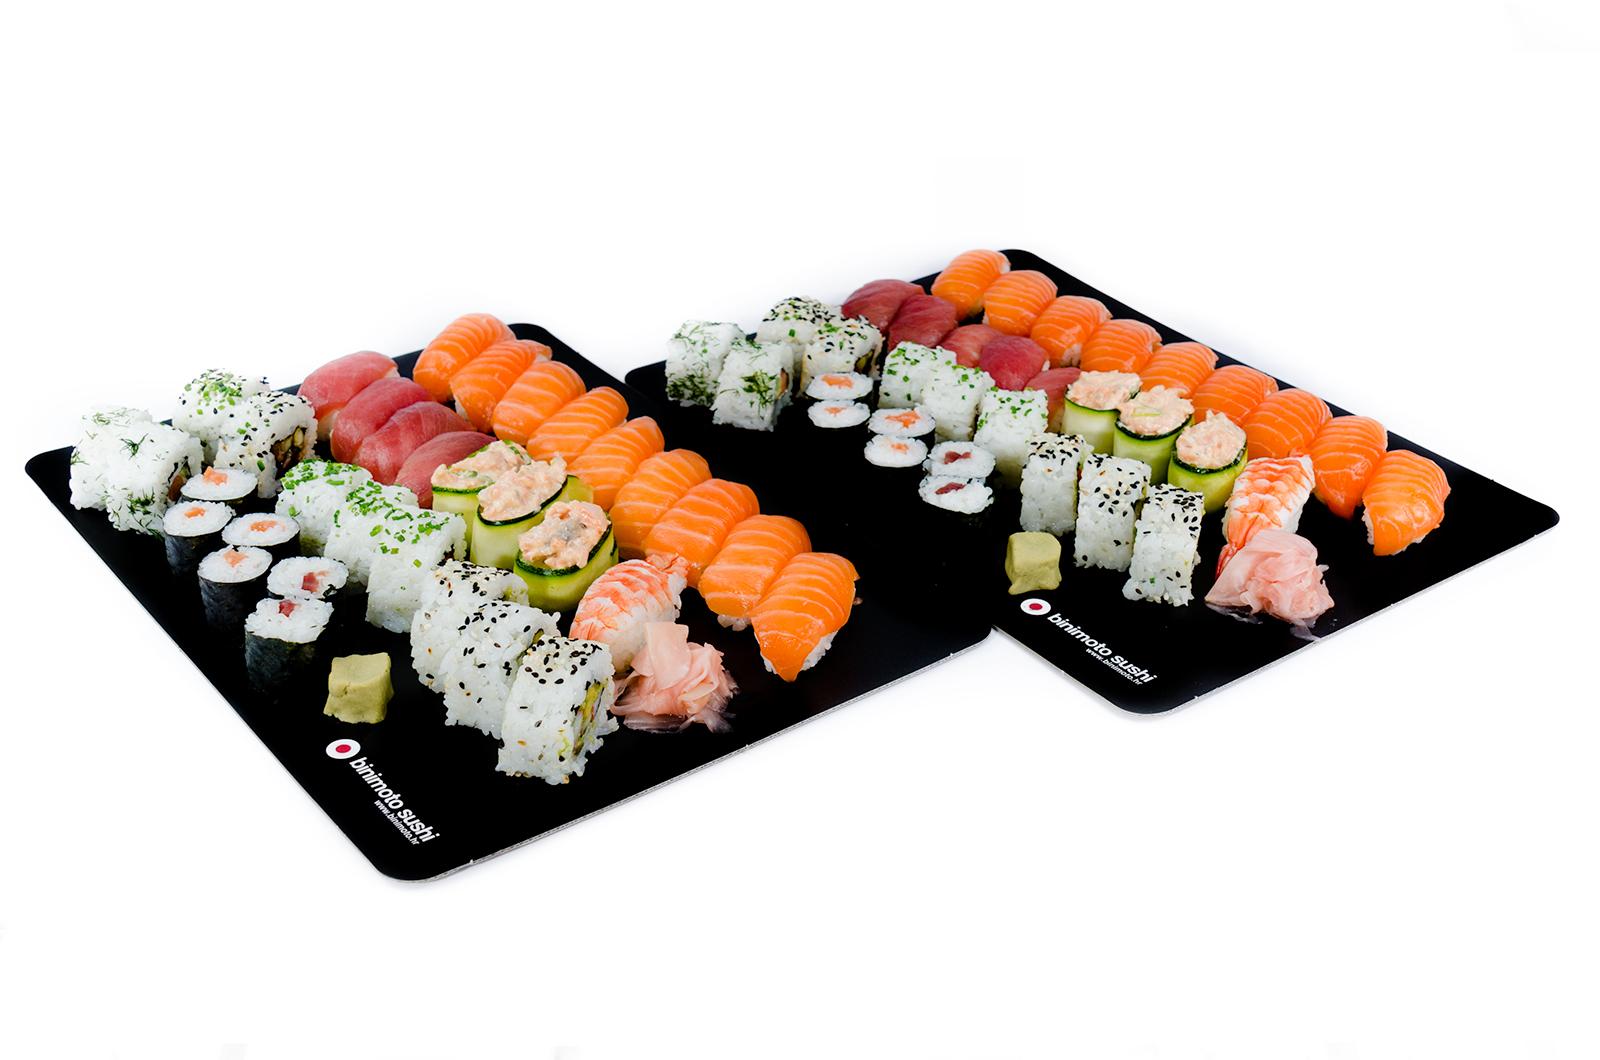 Binimoto Sushi